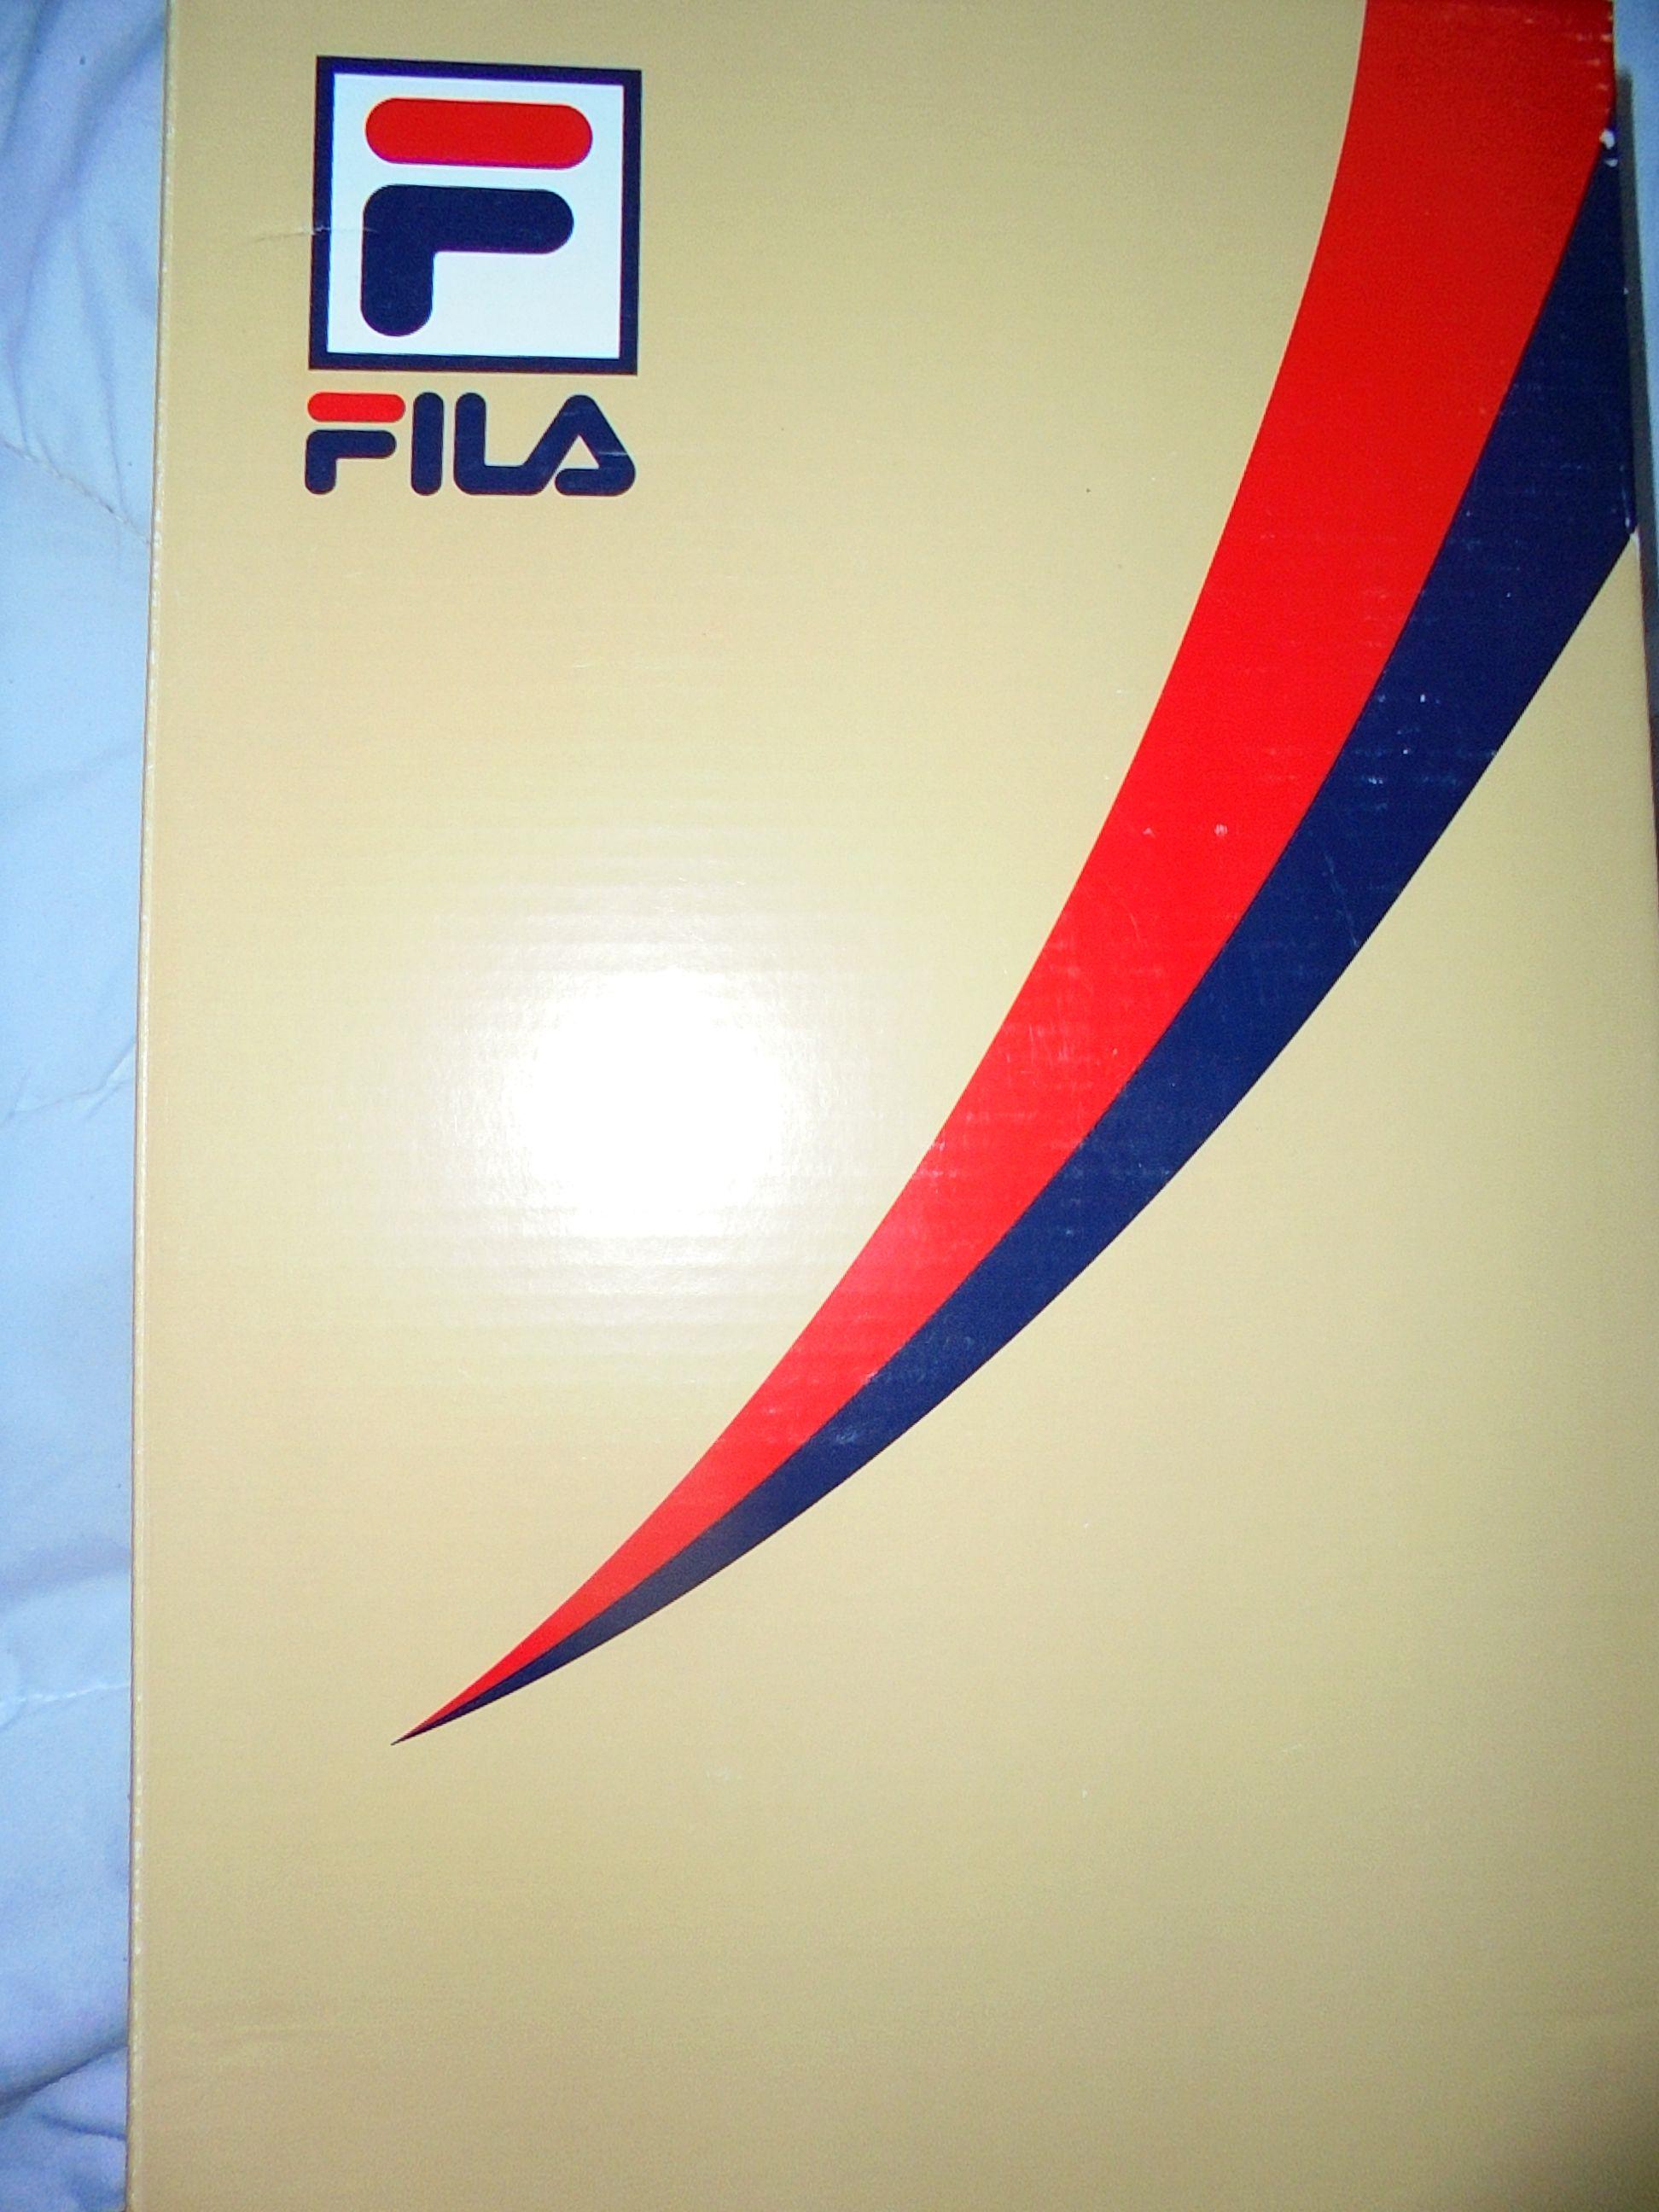 #FilaClassic - www.drewrynewsnetwork.com